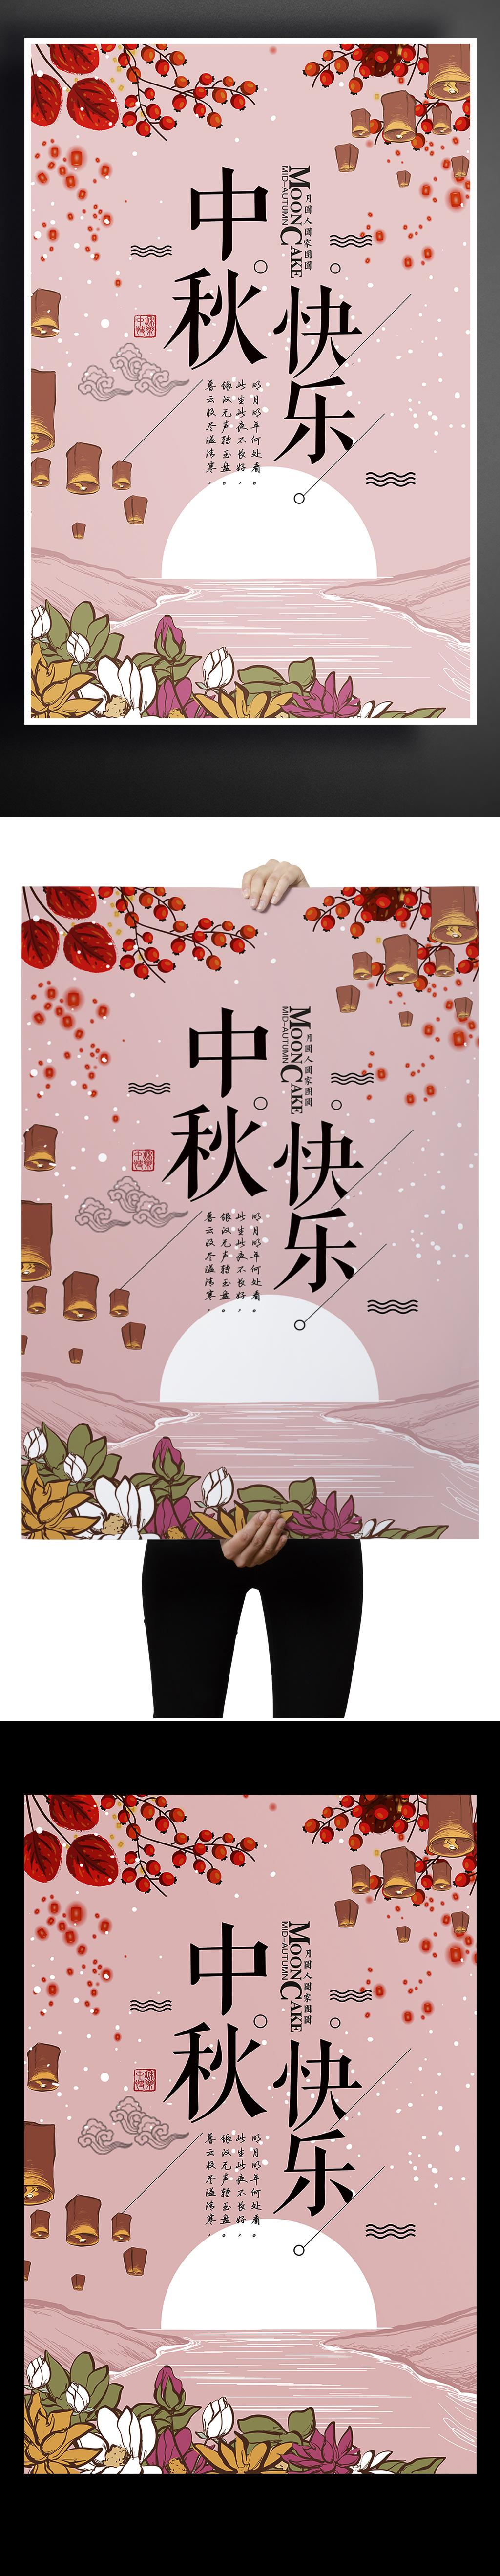 中秋手绘创意海报